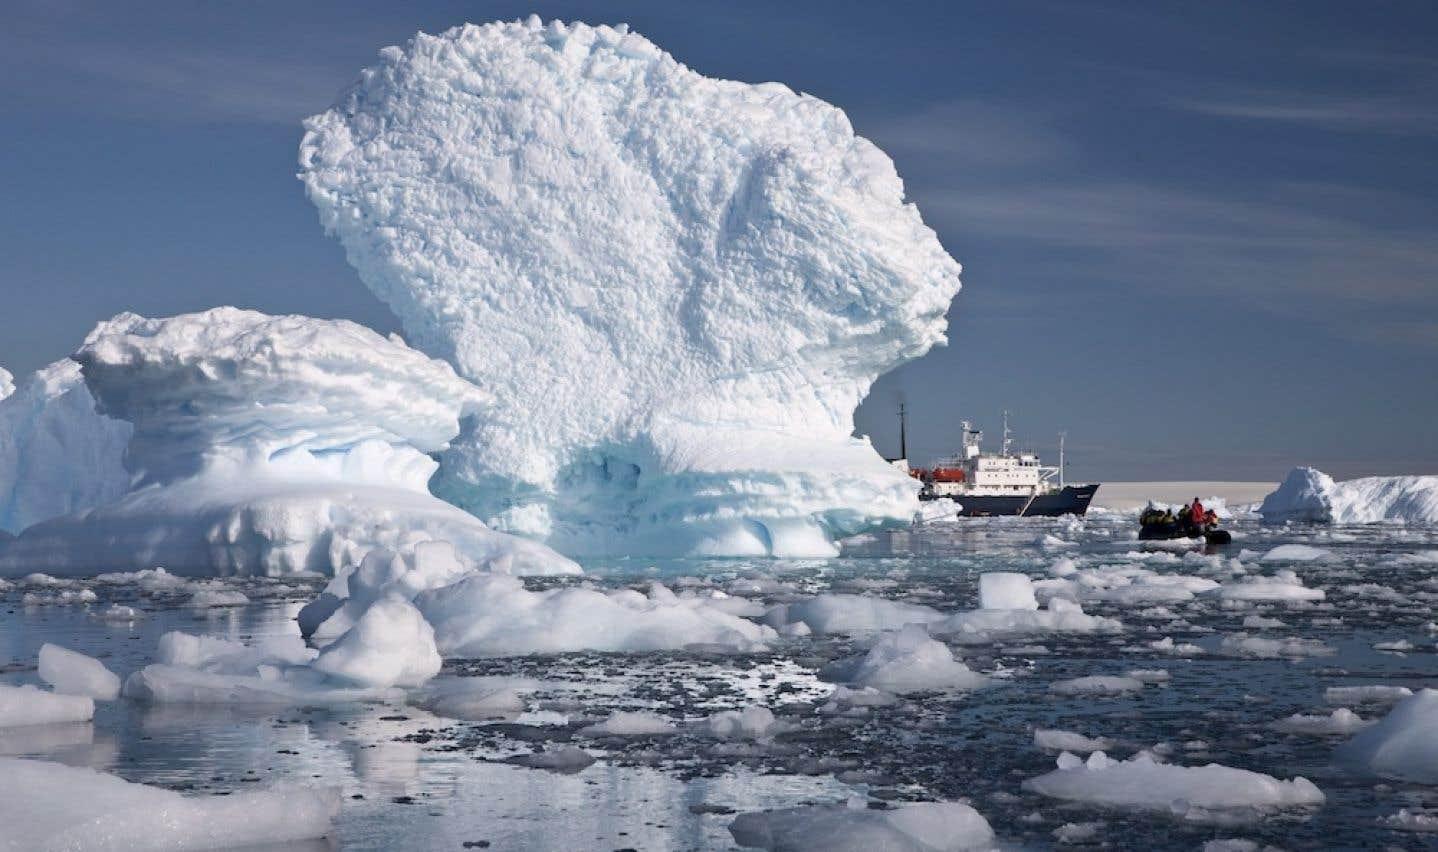 Les glaces de l'Antarctique fondent à vue d'œil